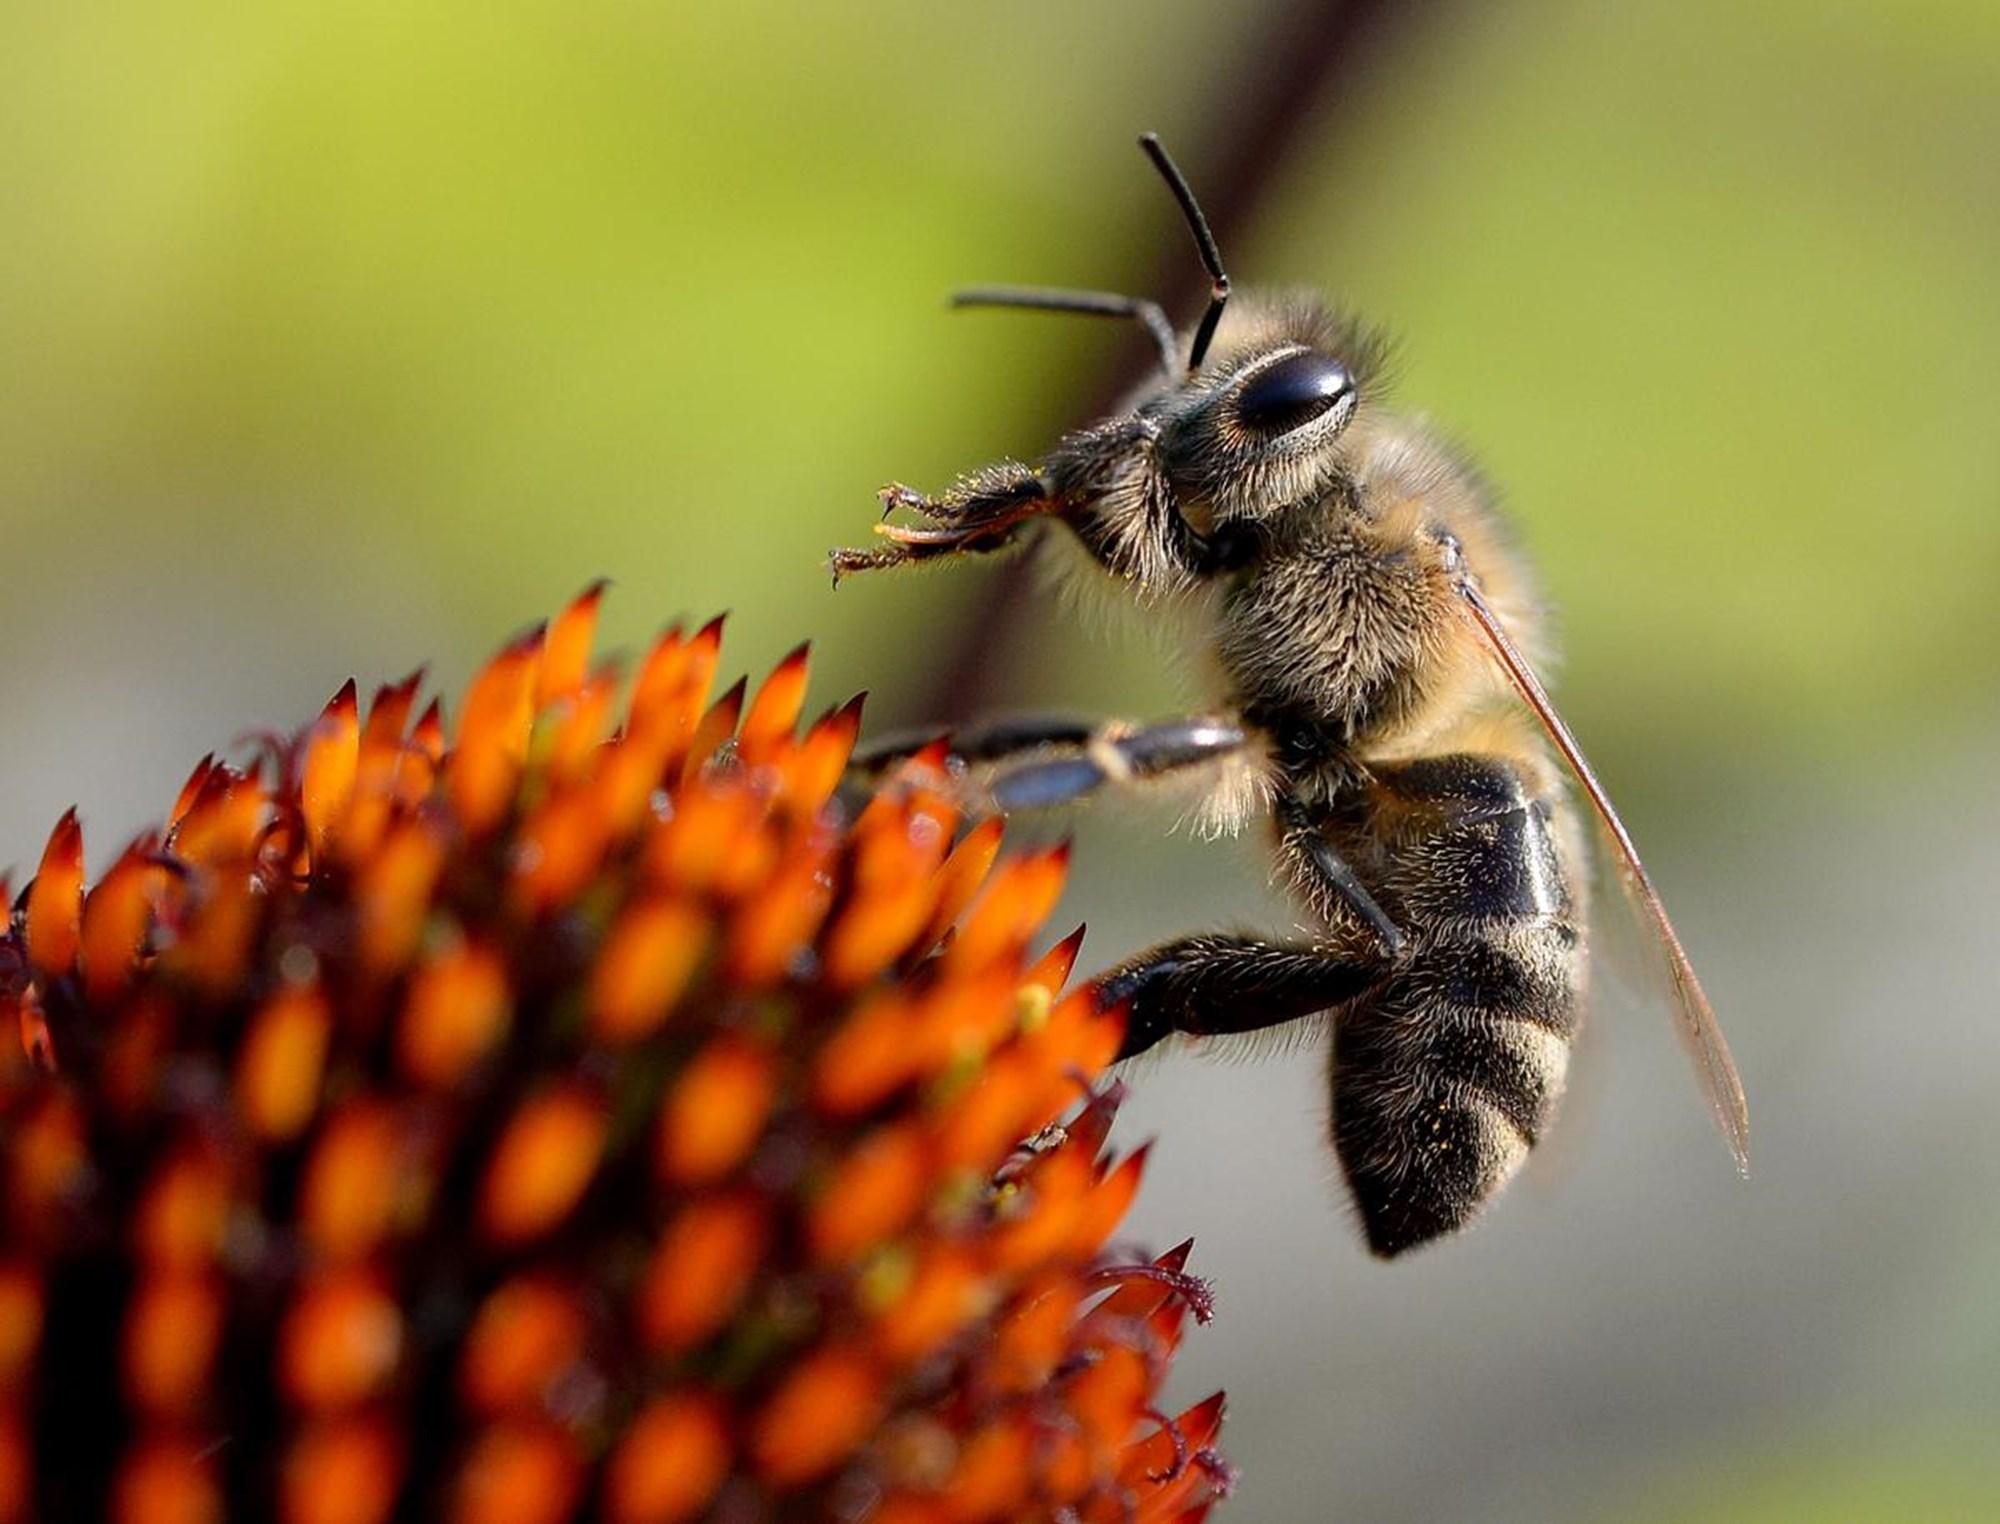 Droht biologische Kriegsführung mit Insekten?